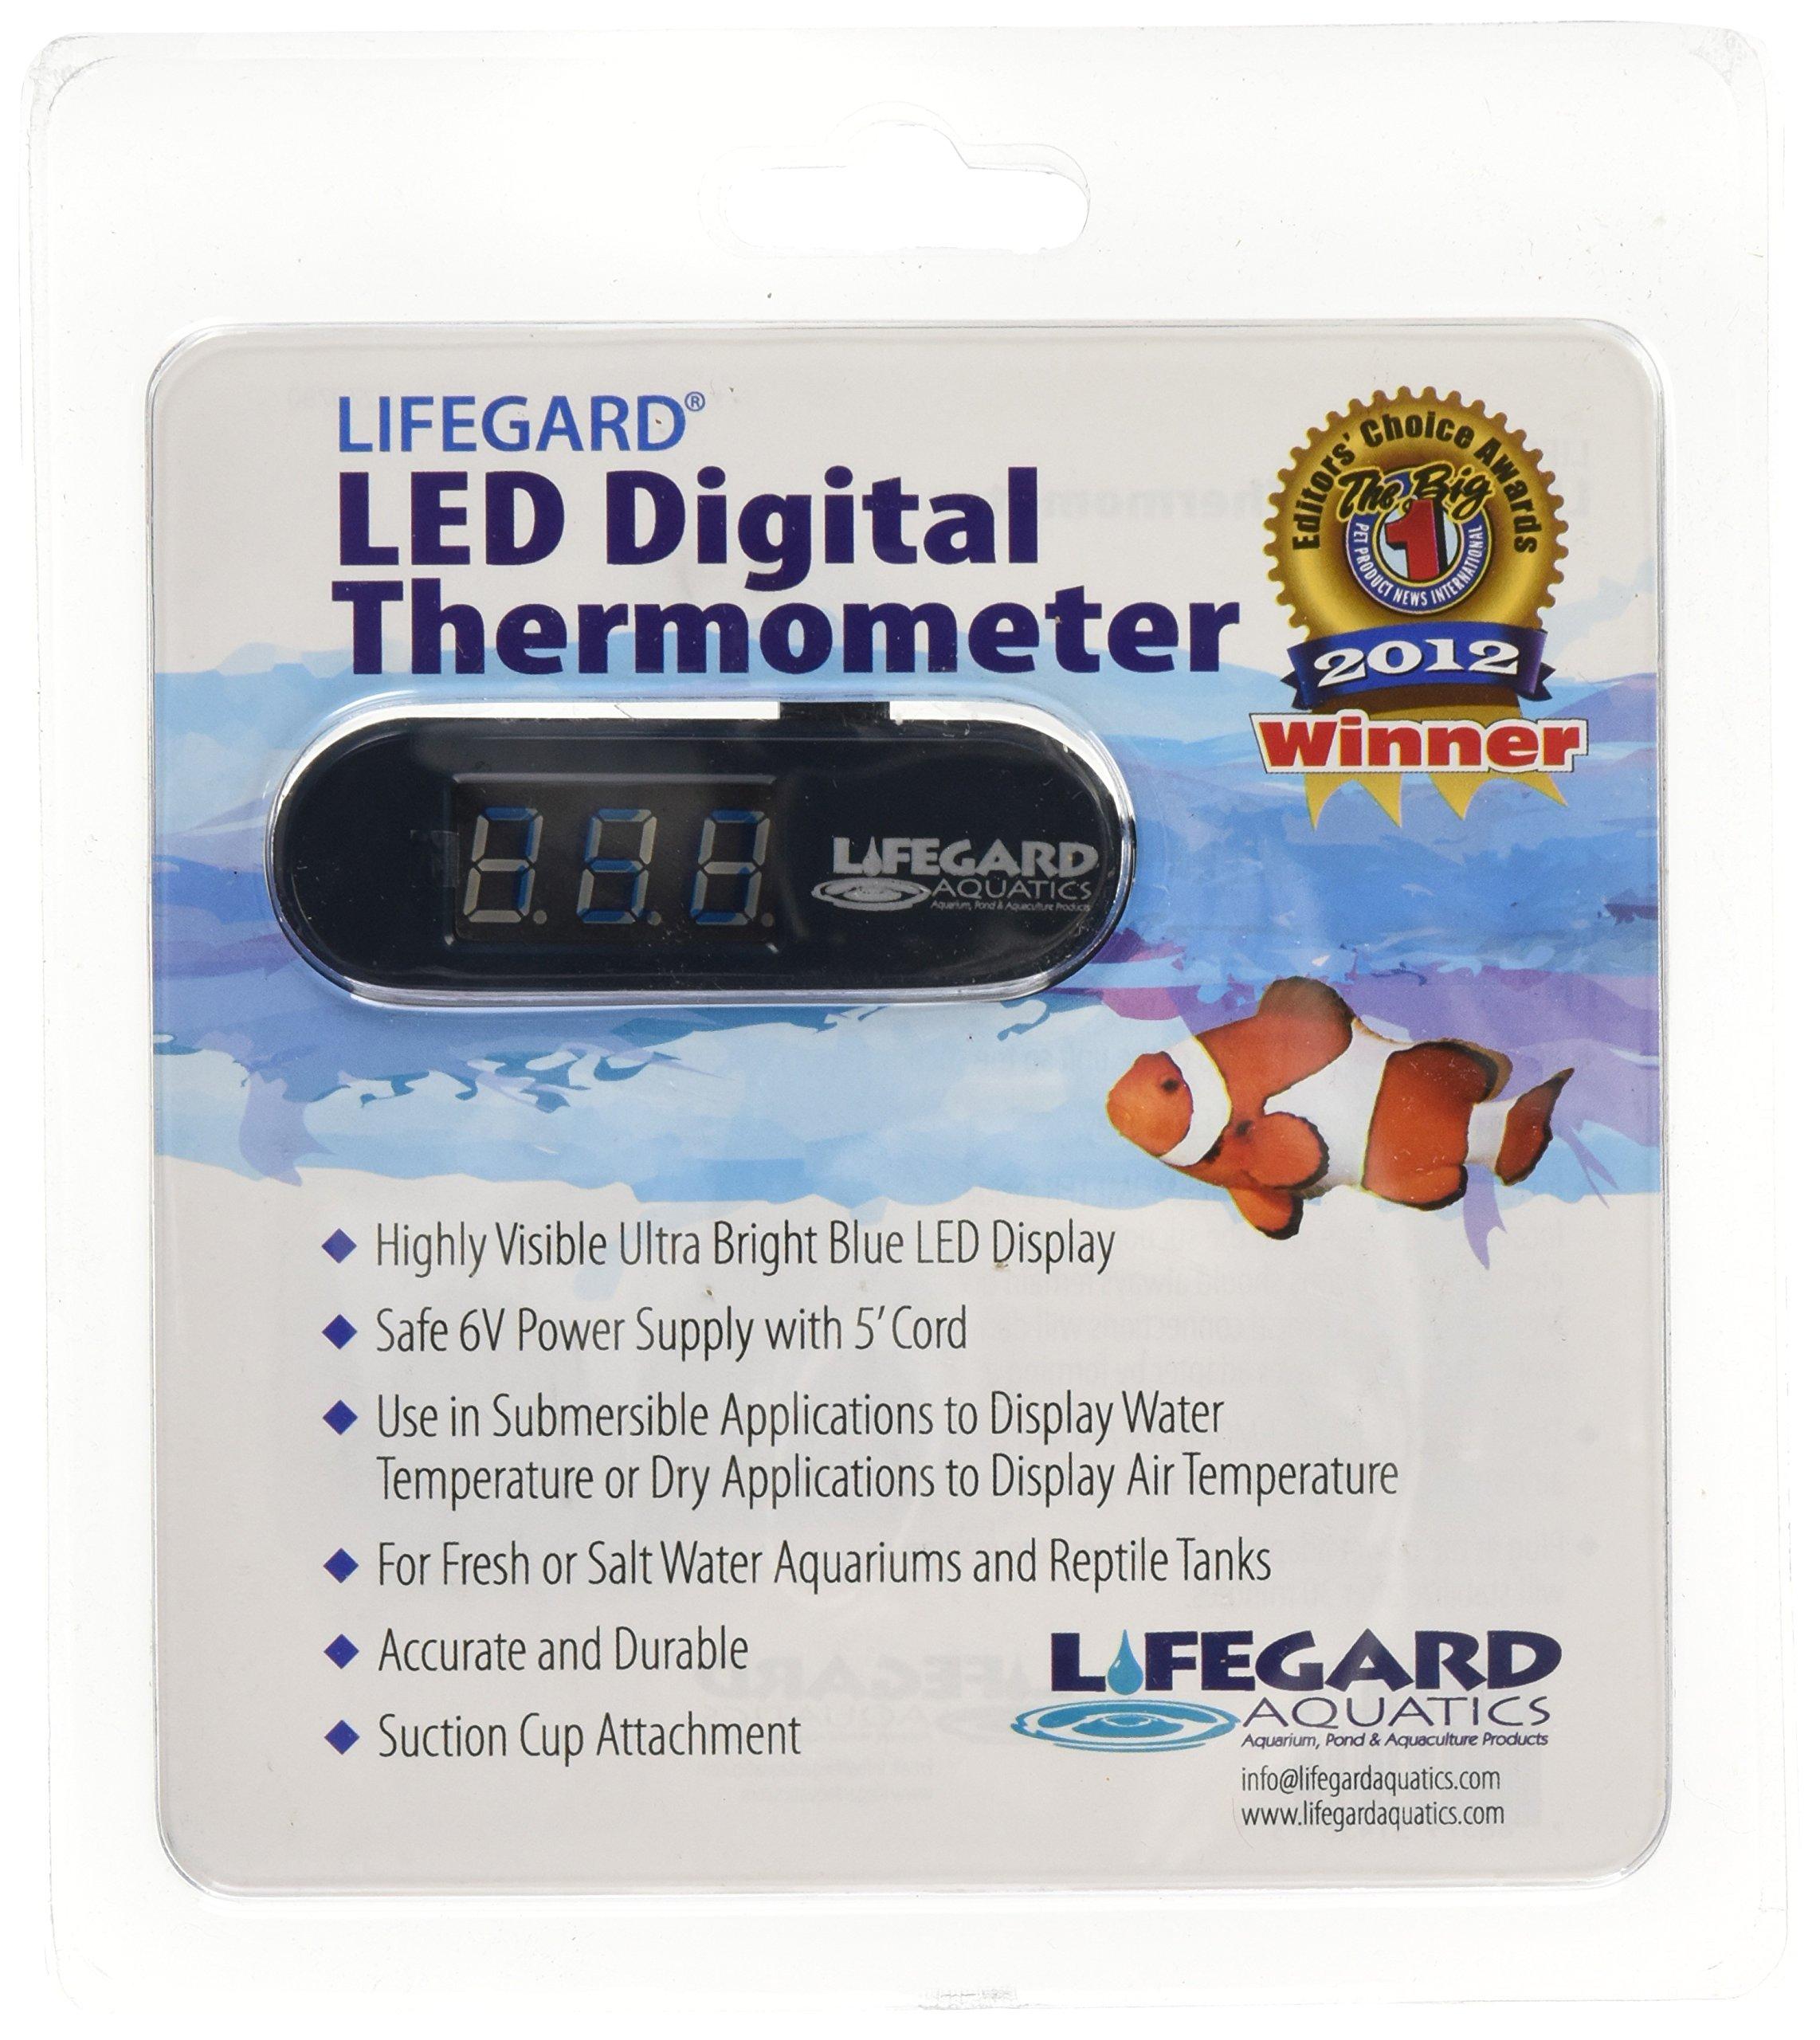 Lifegard Aquatics LED Digital Thermometer for Aquariums